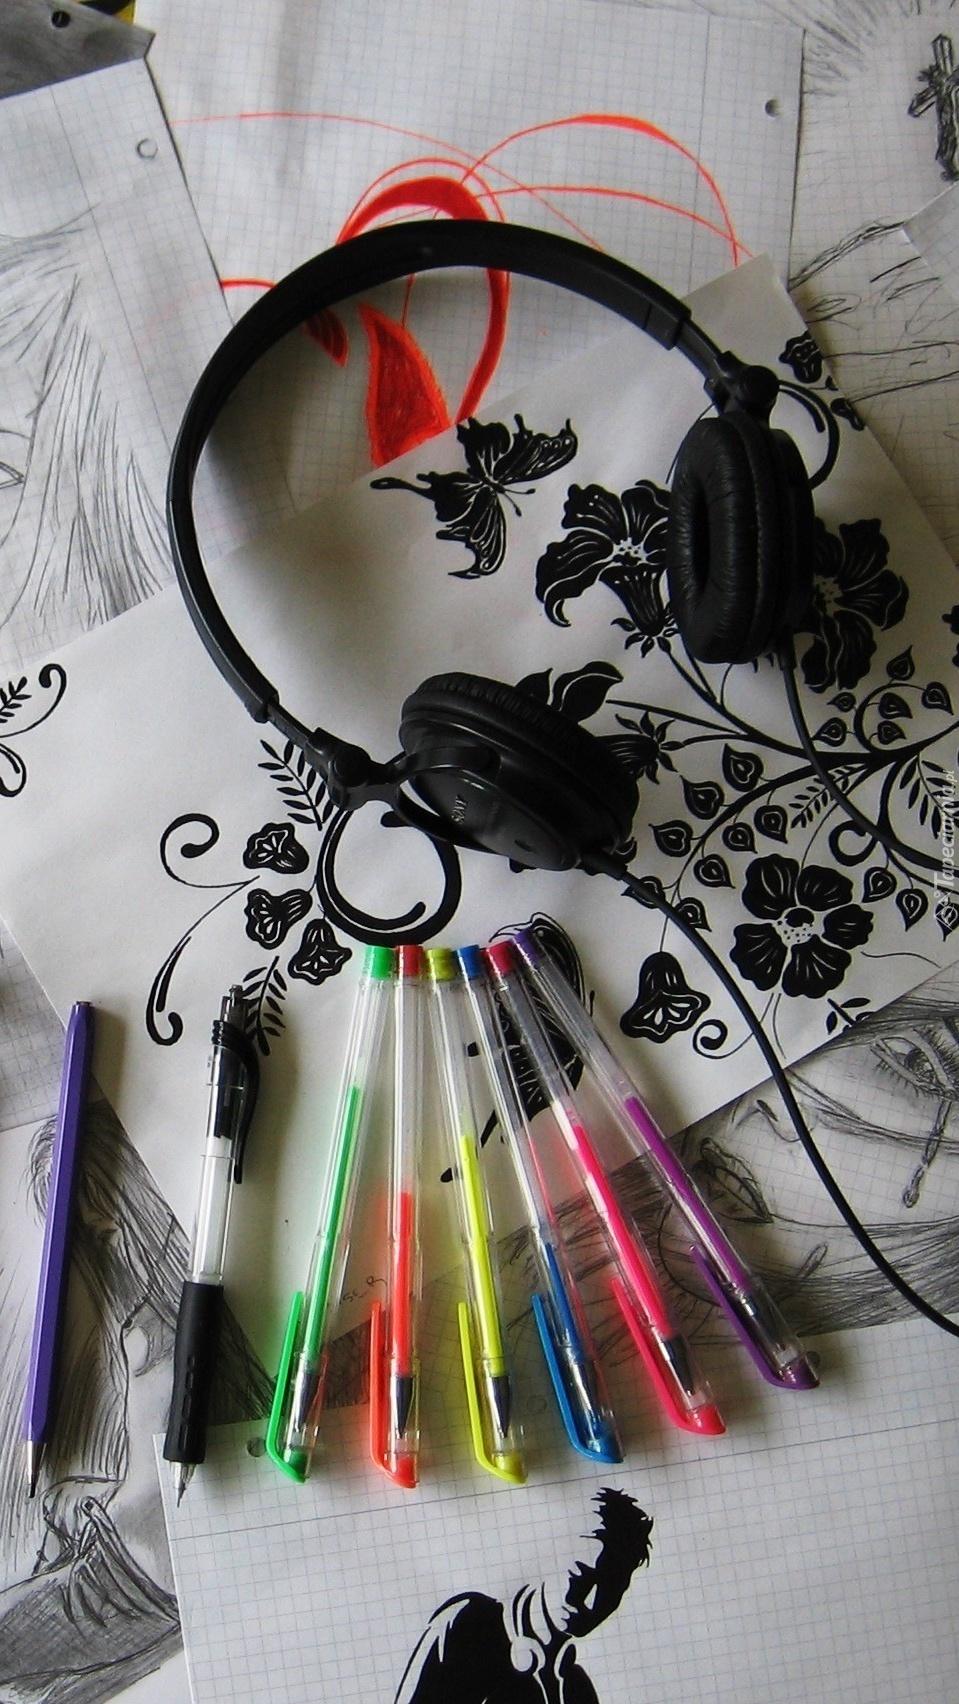 Słuchawki obok długopisów